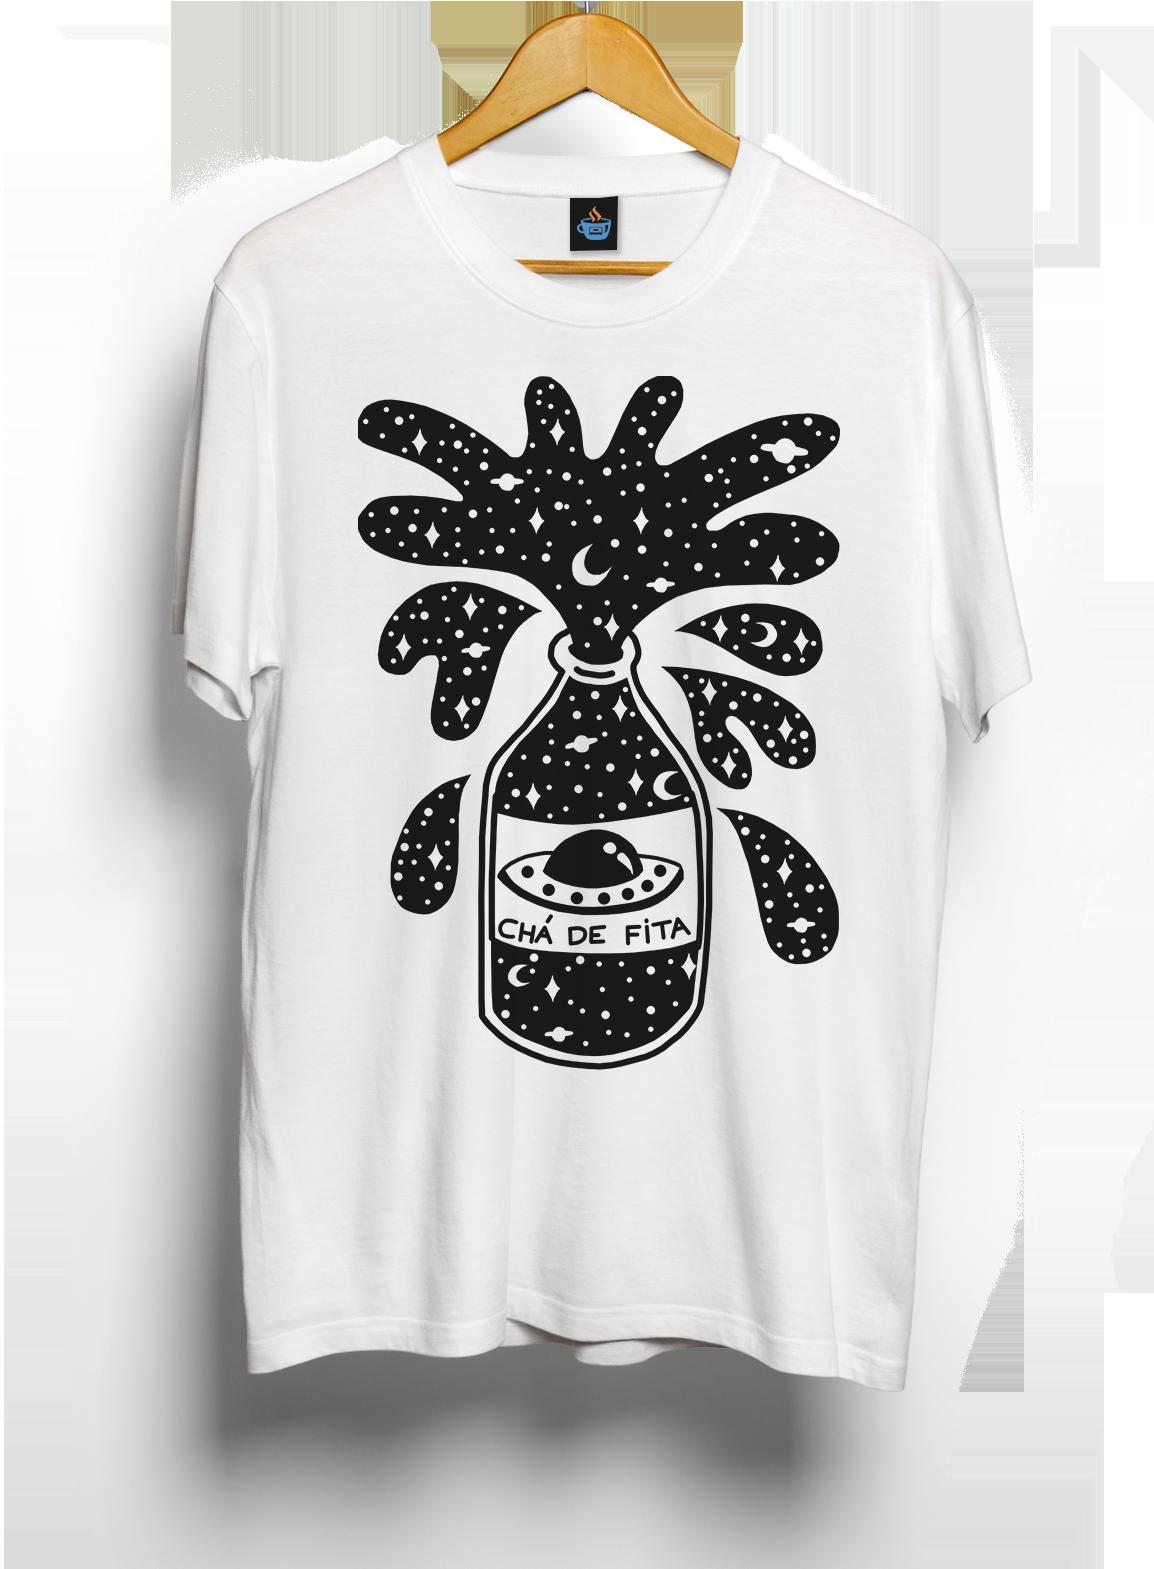 Camiseta Multiverso